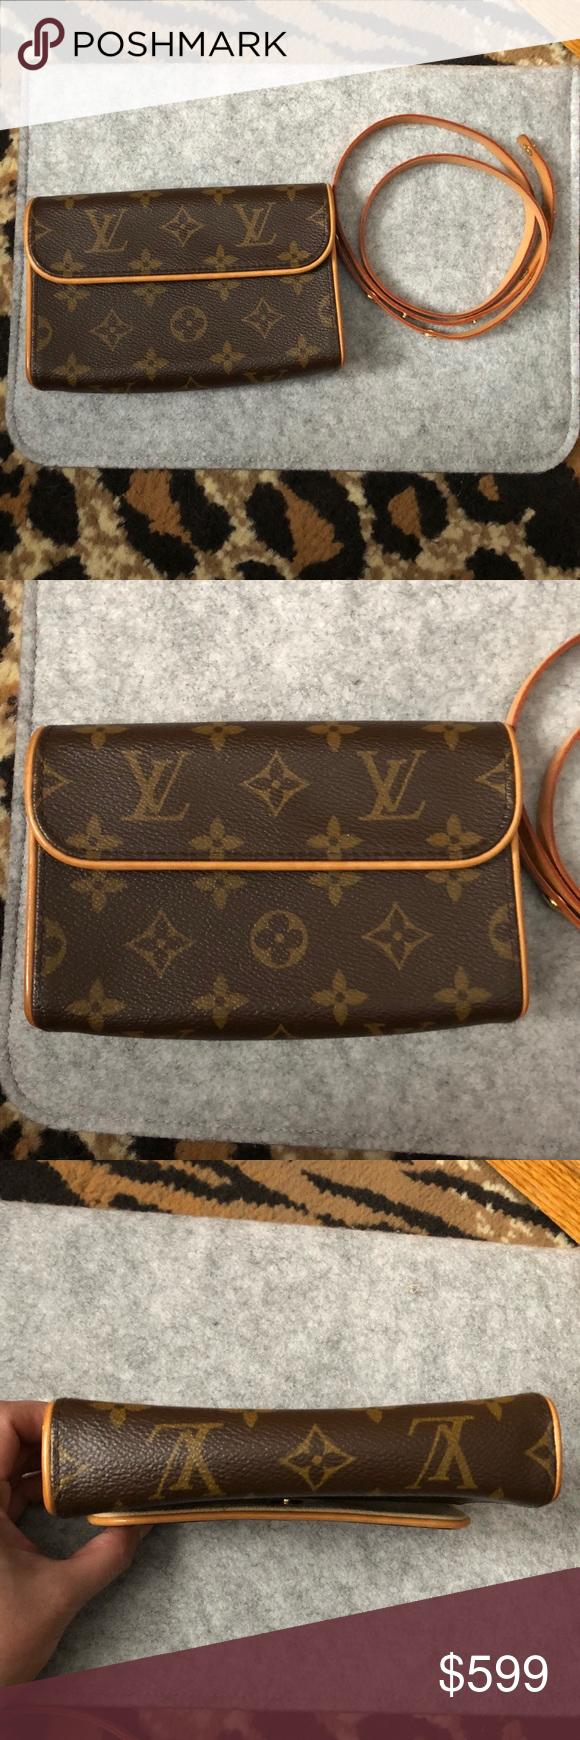 89cbb51a5888 Louis Vuitton Florentine fanny pack Excellent used condition. Authentic!!!!  Belt size is XS Louis Vuitton Bags Mini Bags